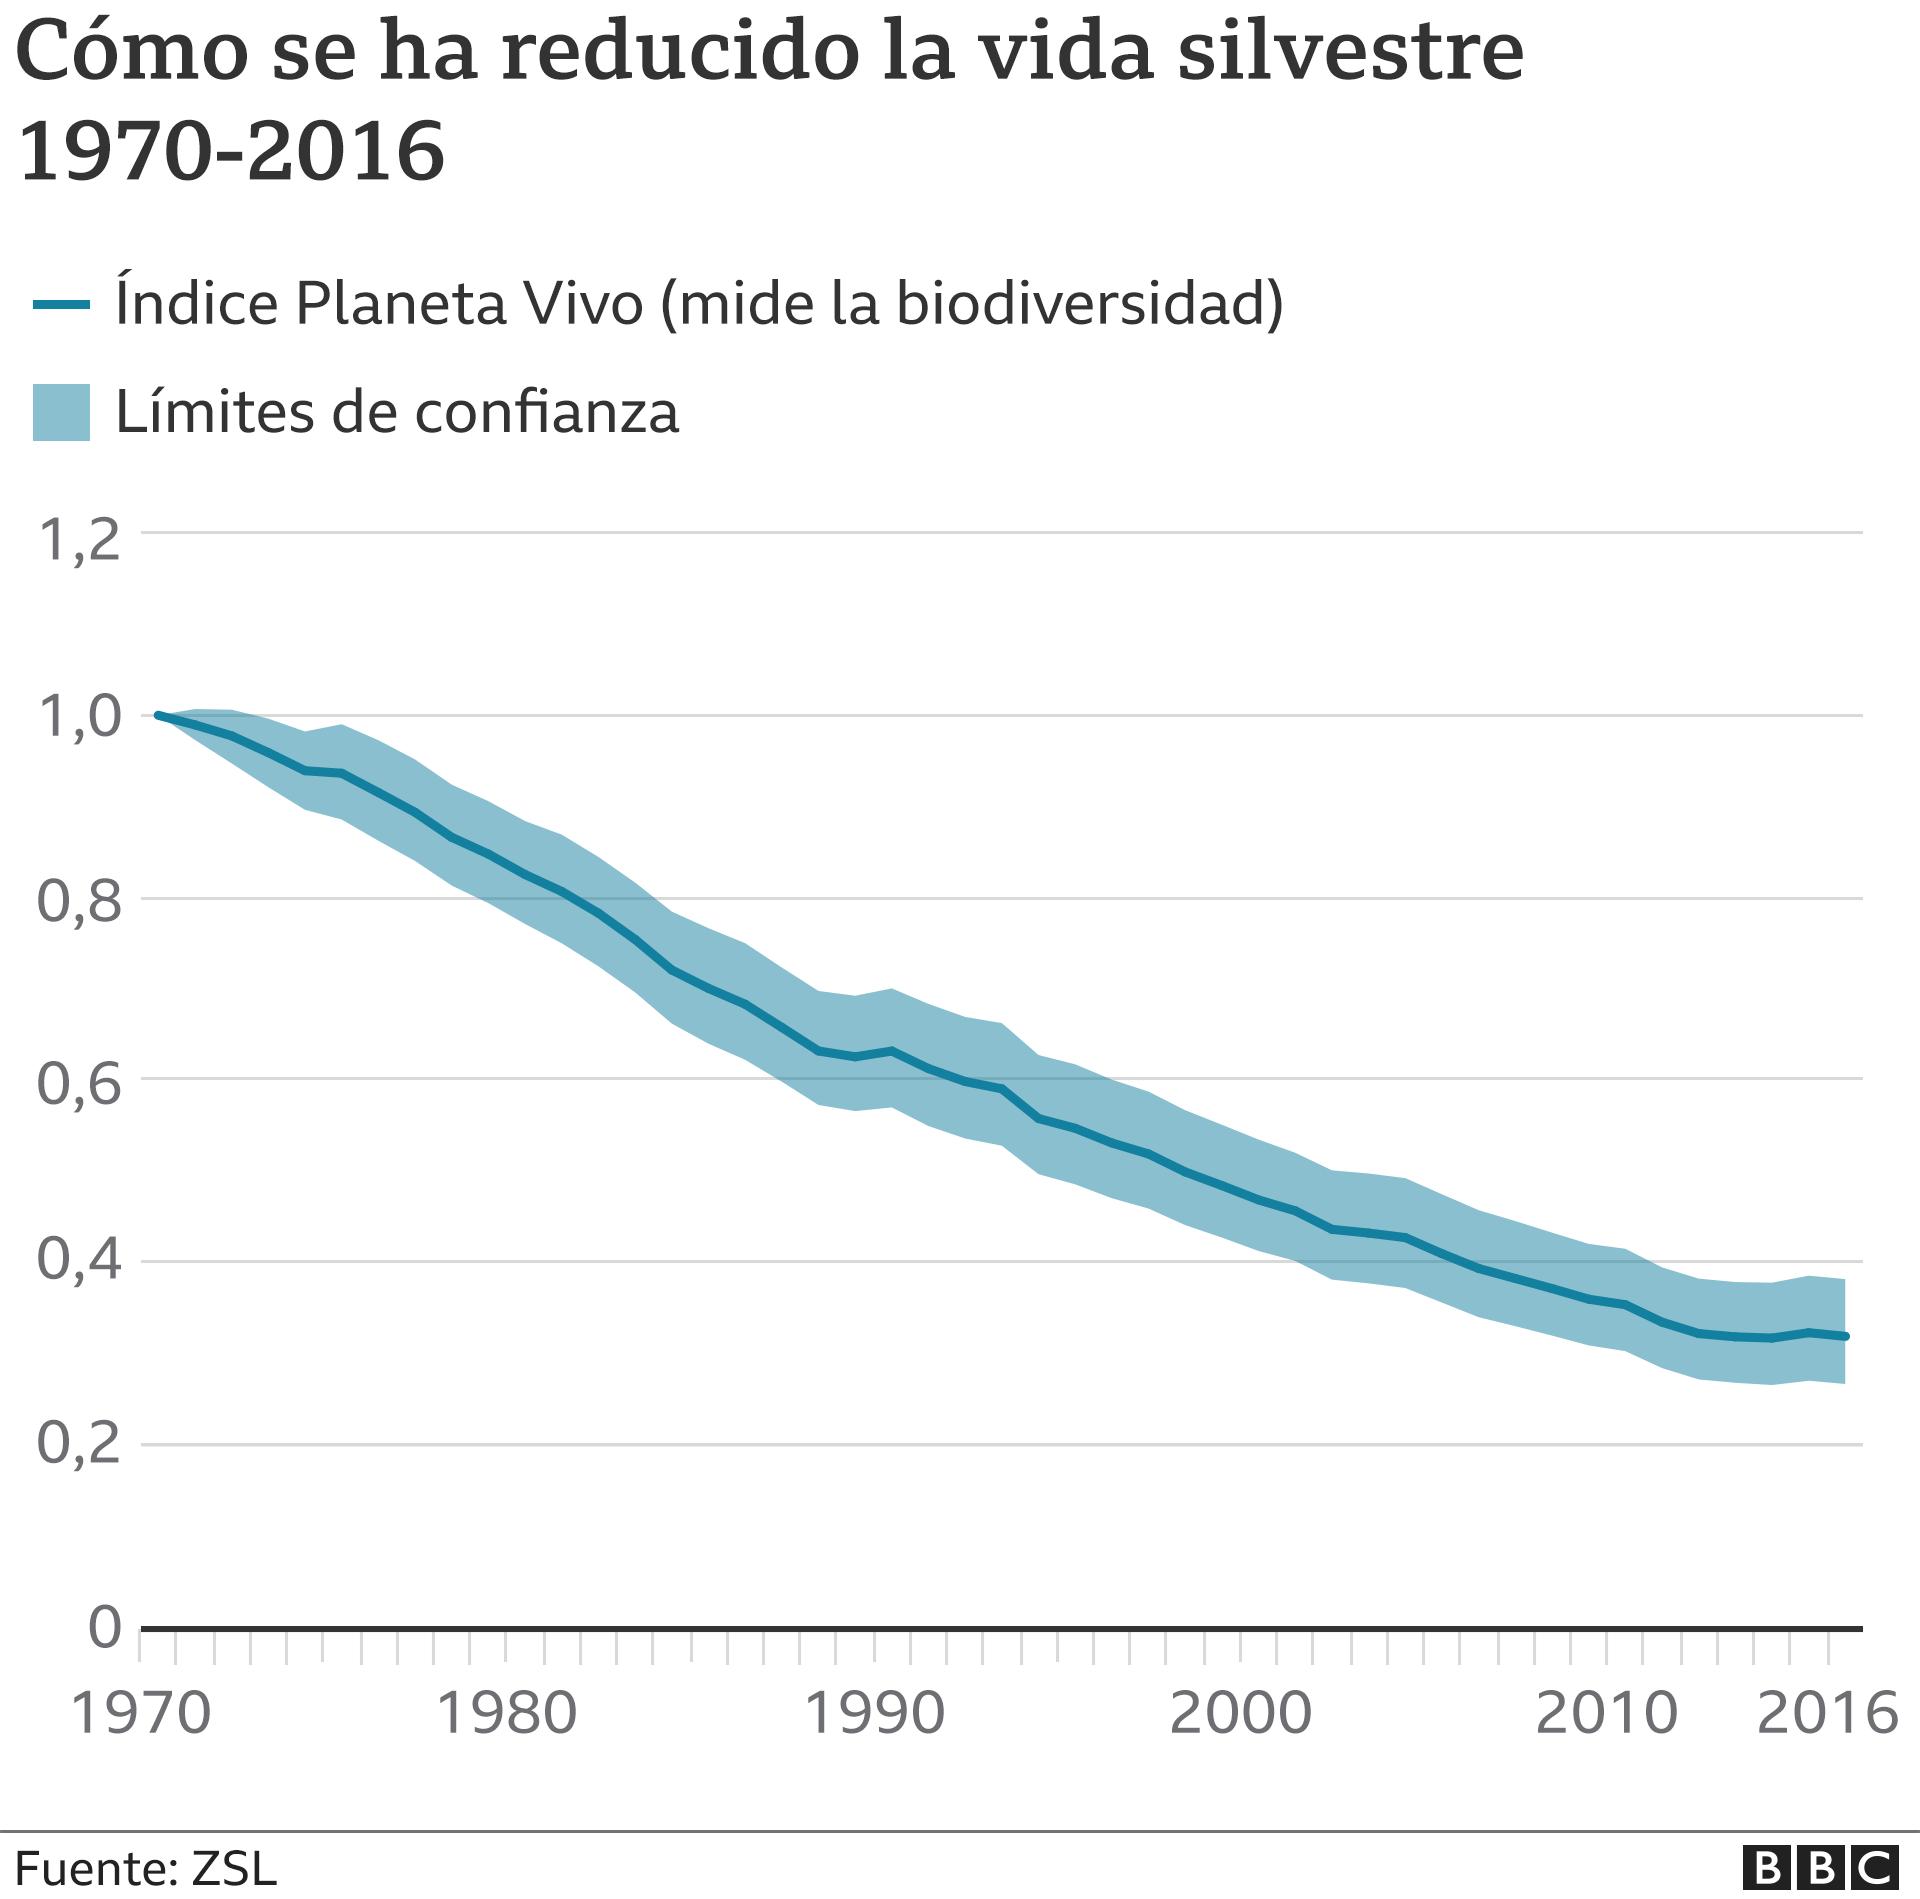 Cómo se ha reducido la vida silvestre: gráfico.